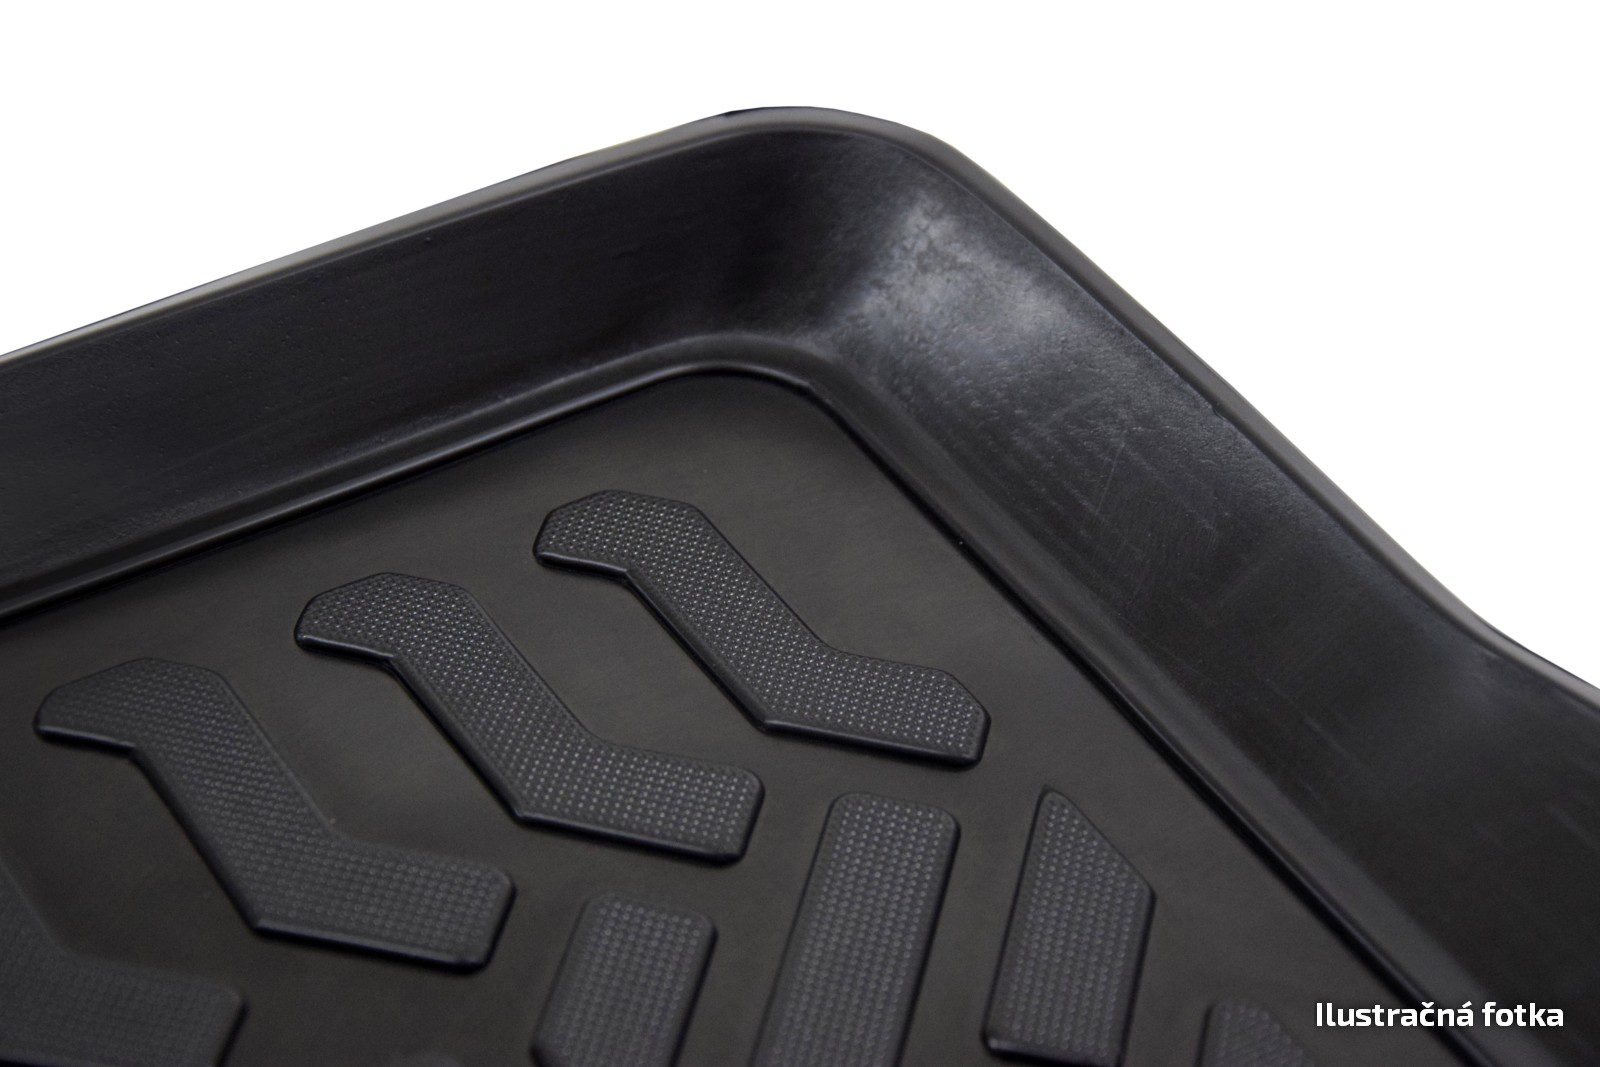 Poza cu Covorase din cauciuc tip tavita Premium, Volkswagen Sharan, 2000-2010